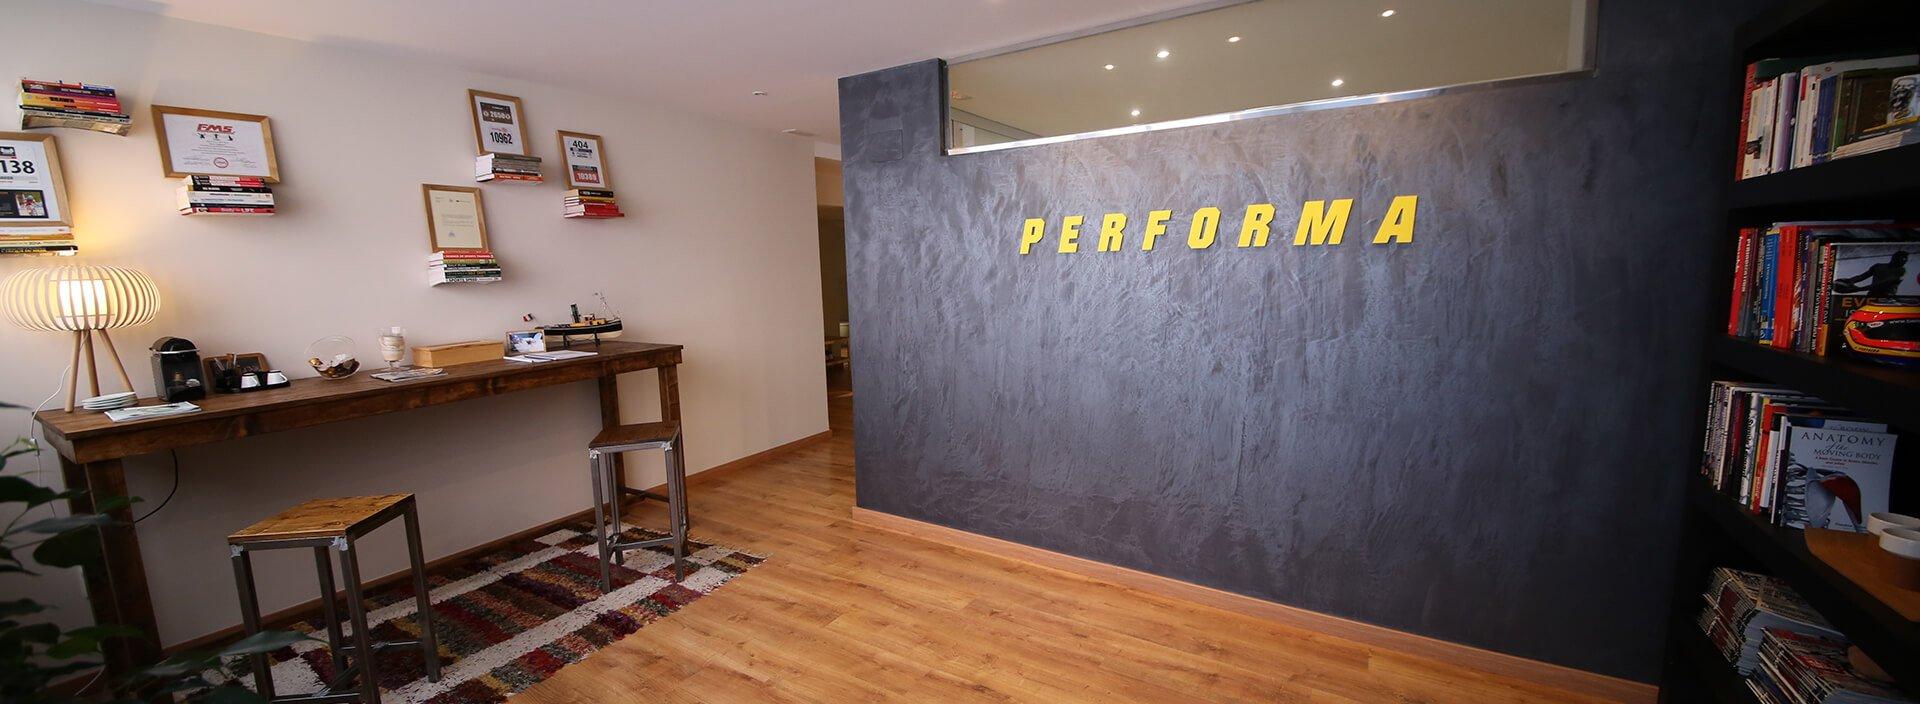 Entrenador Personal en Valencia - Performa